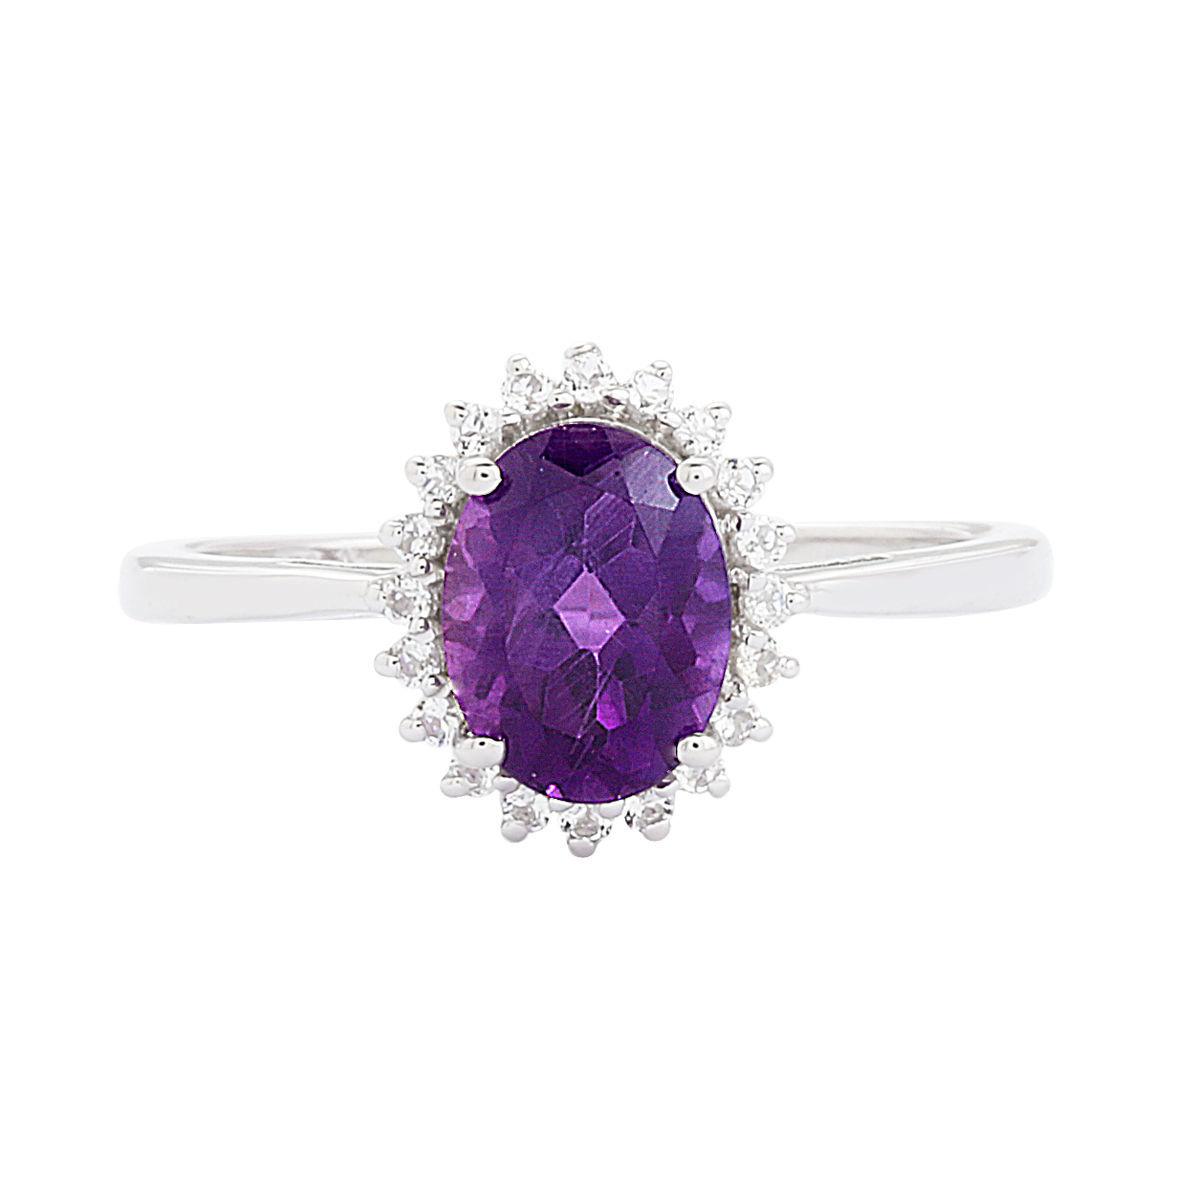 Trendy Solid 925 Sterling Silver Amethyst Gemstone Jewelry Ring Sz 7 SHRI0158